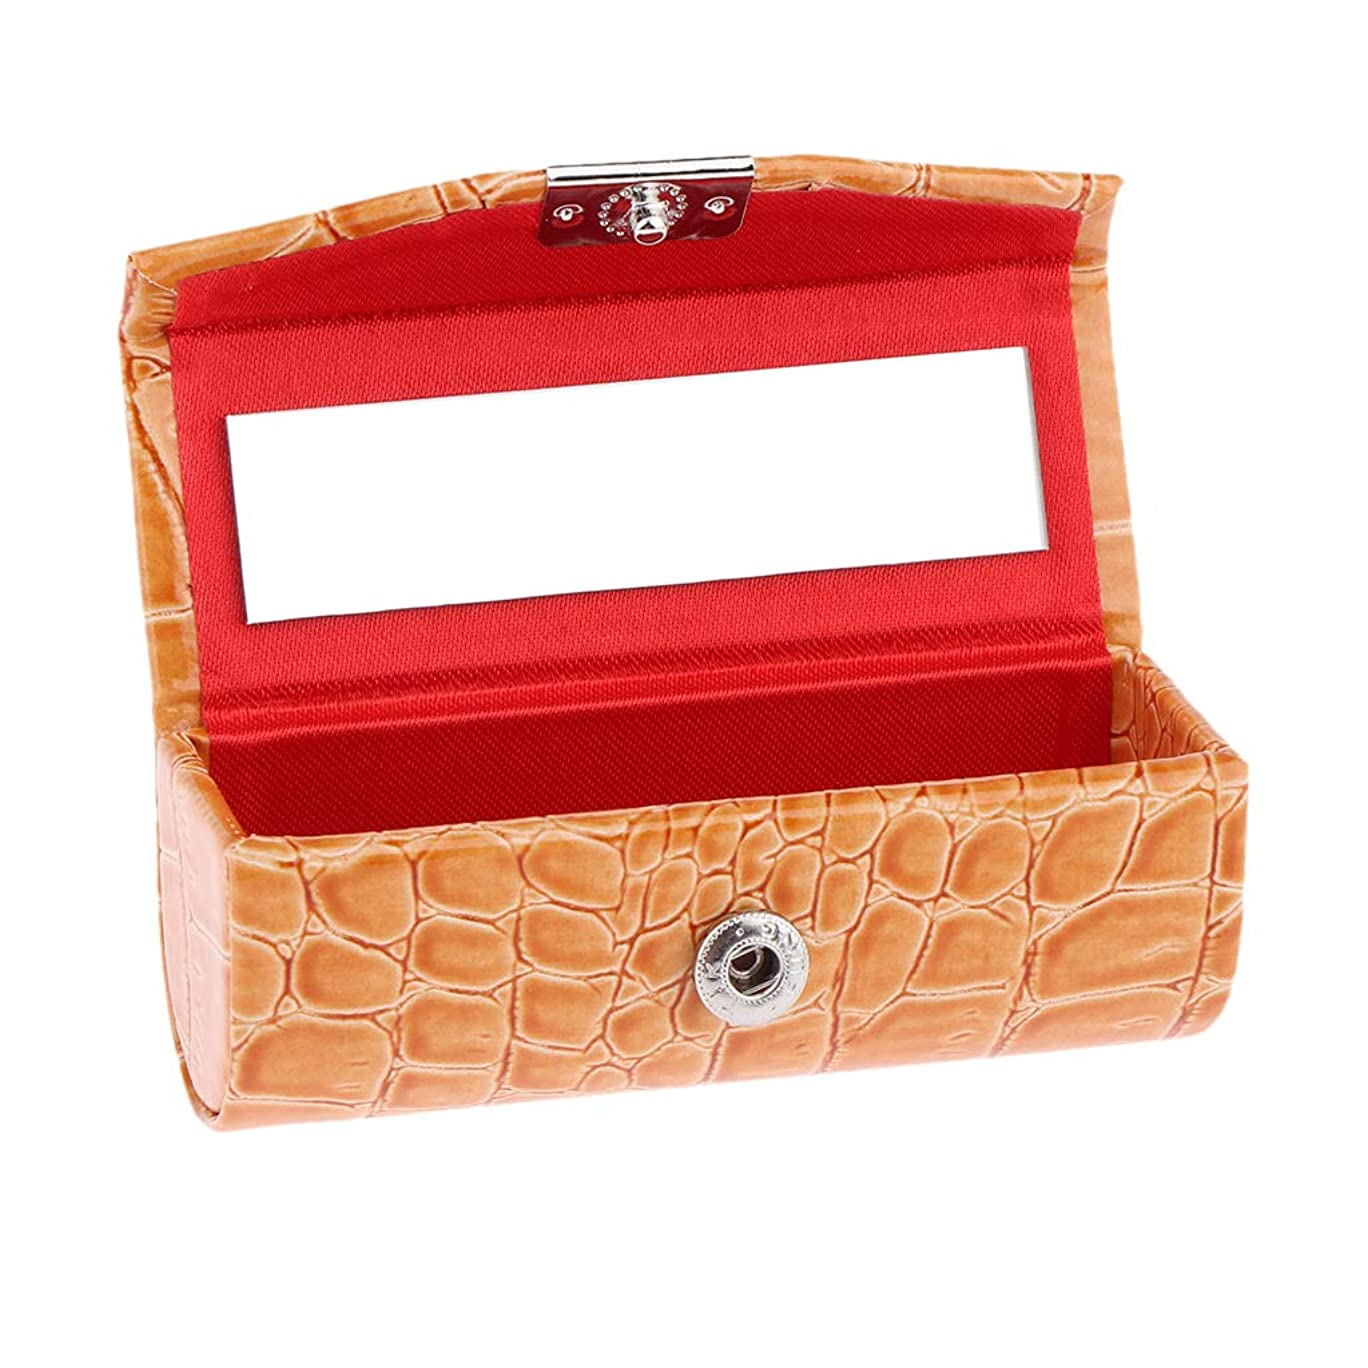 P Prettyia 口紅ケース コインケース 小物収納ケース プレゼント 多色選べ - オレンジ